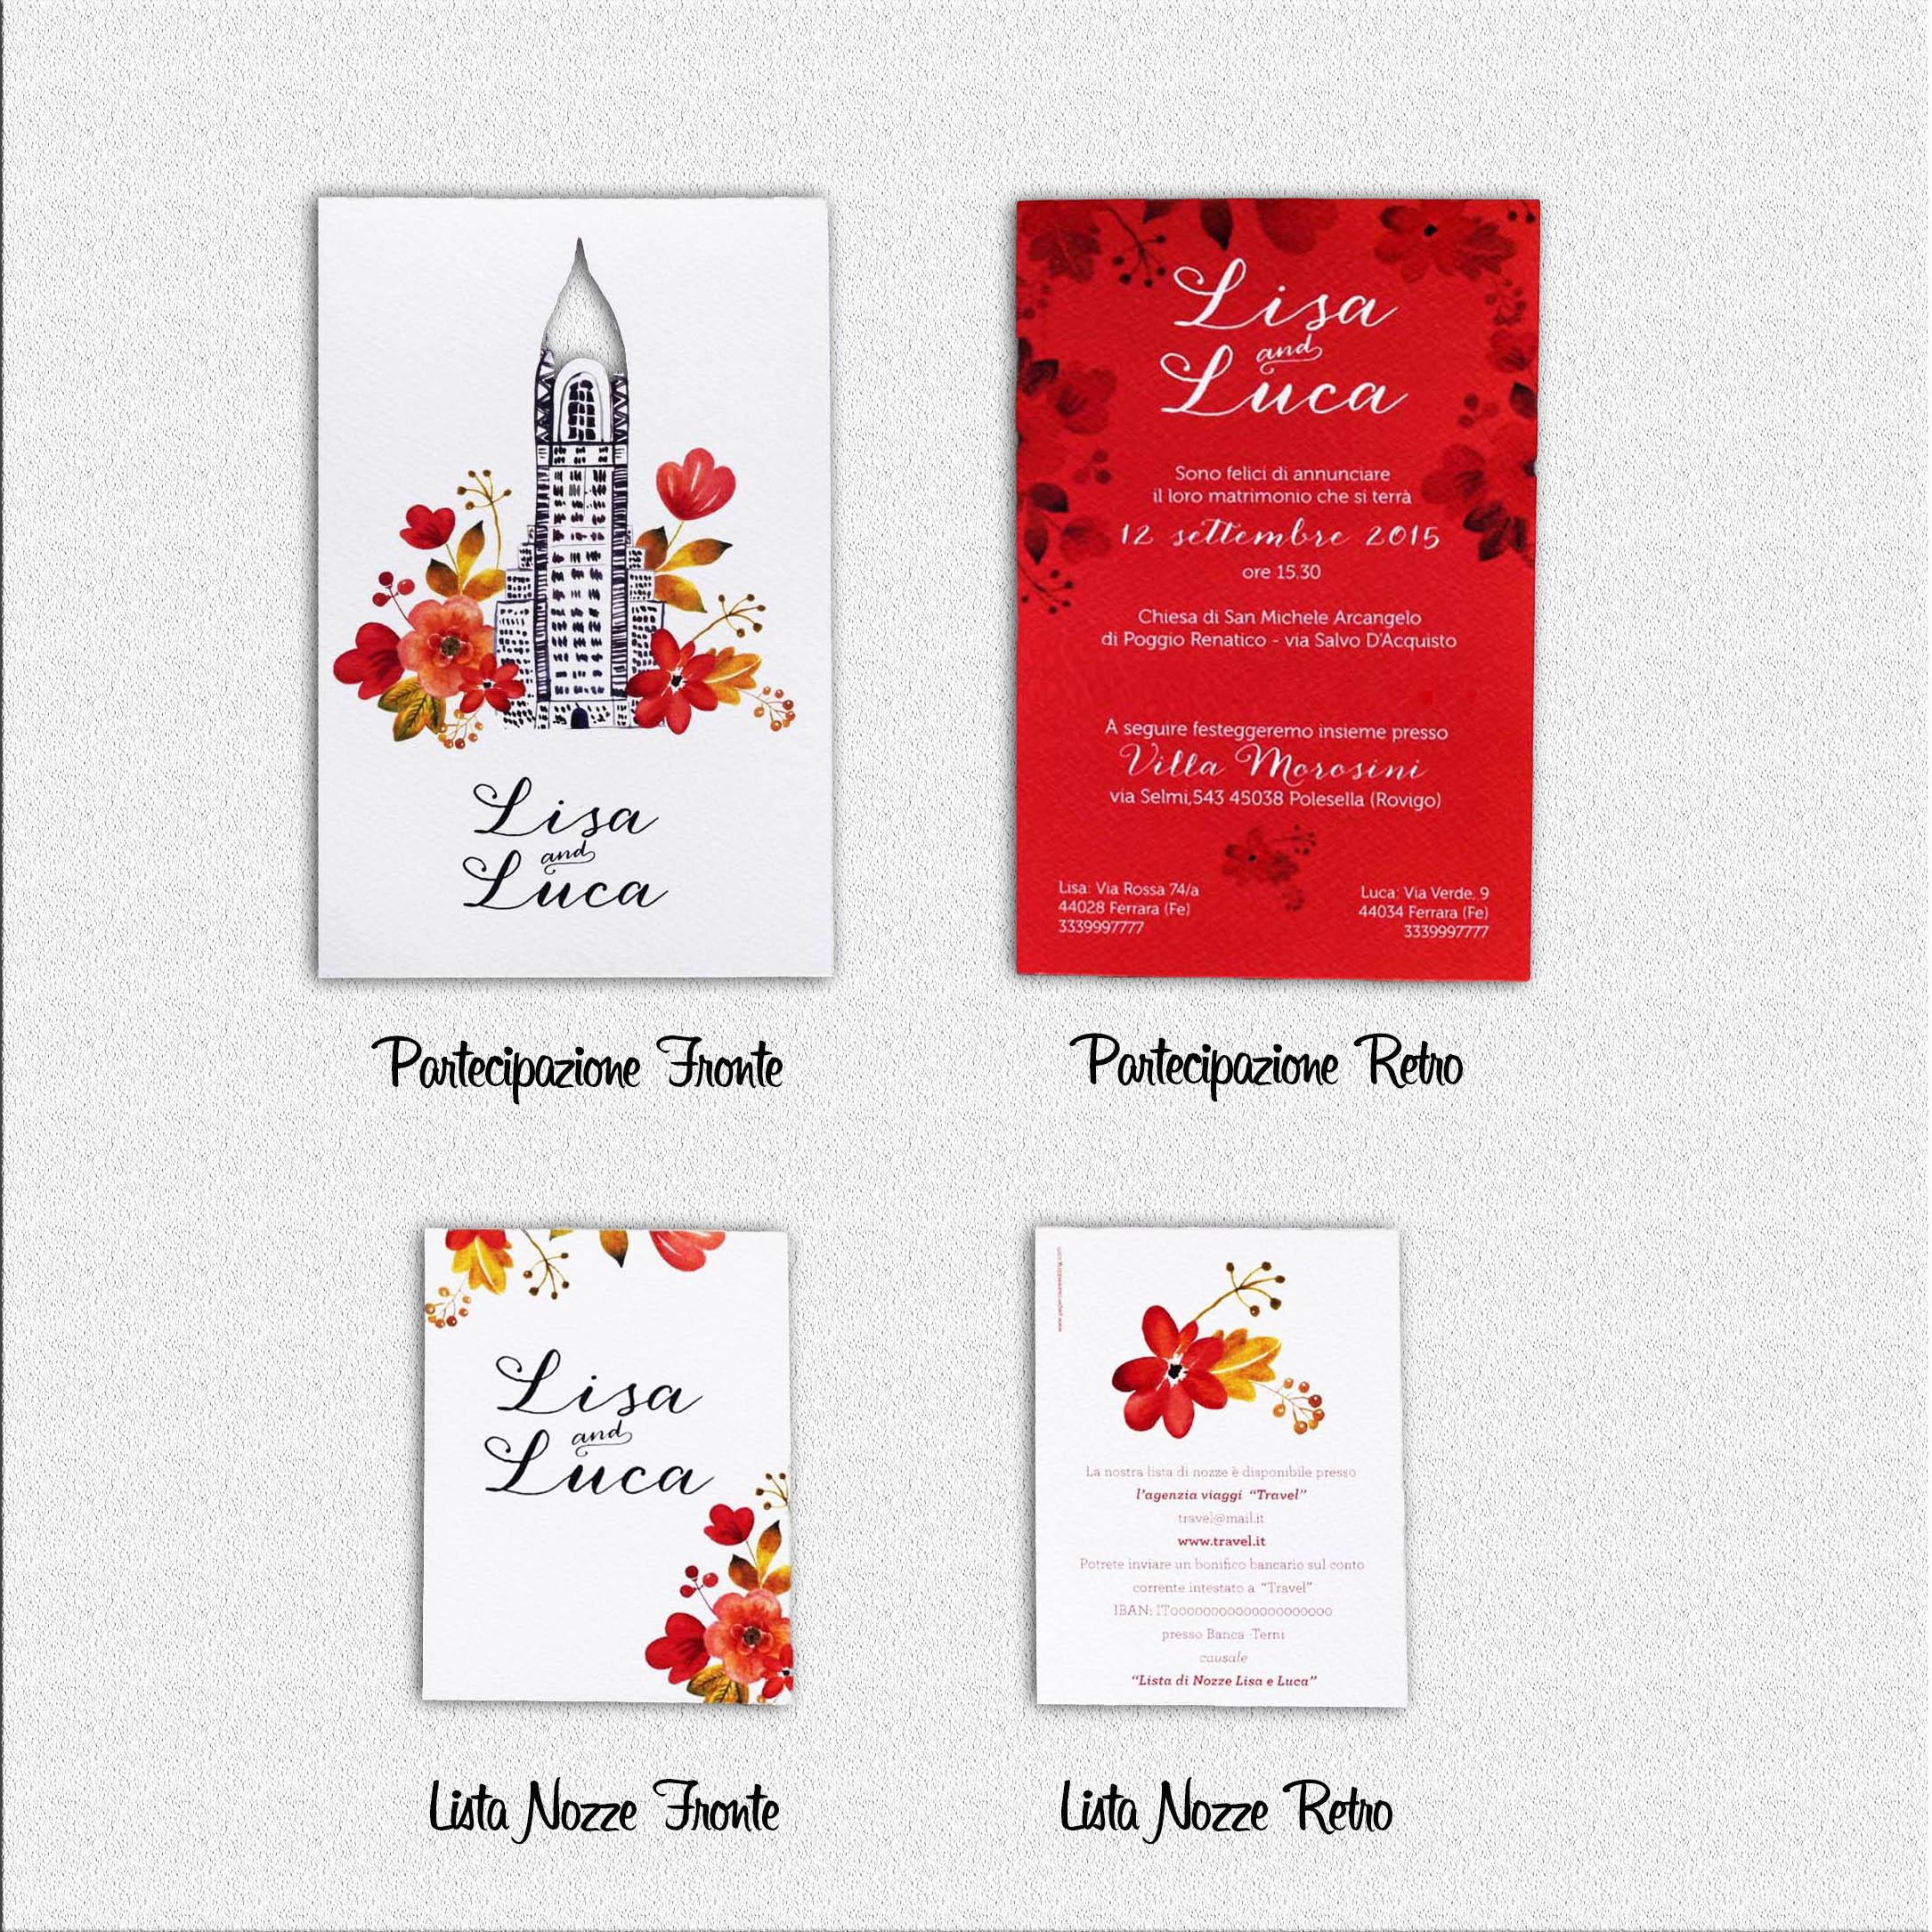 Segnaposto Matrimonio New York.Partecipazione Di Nozze I Love New York Olalla